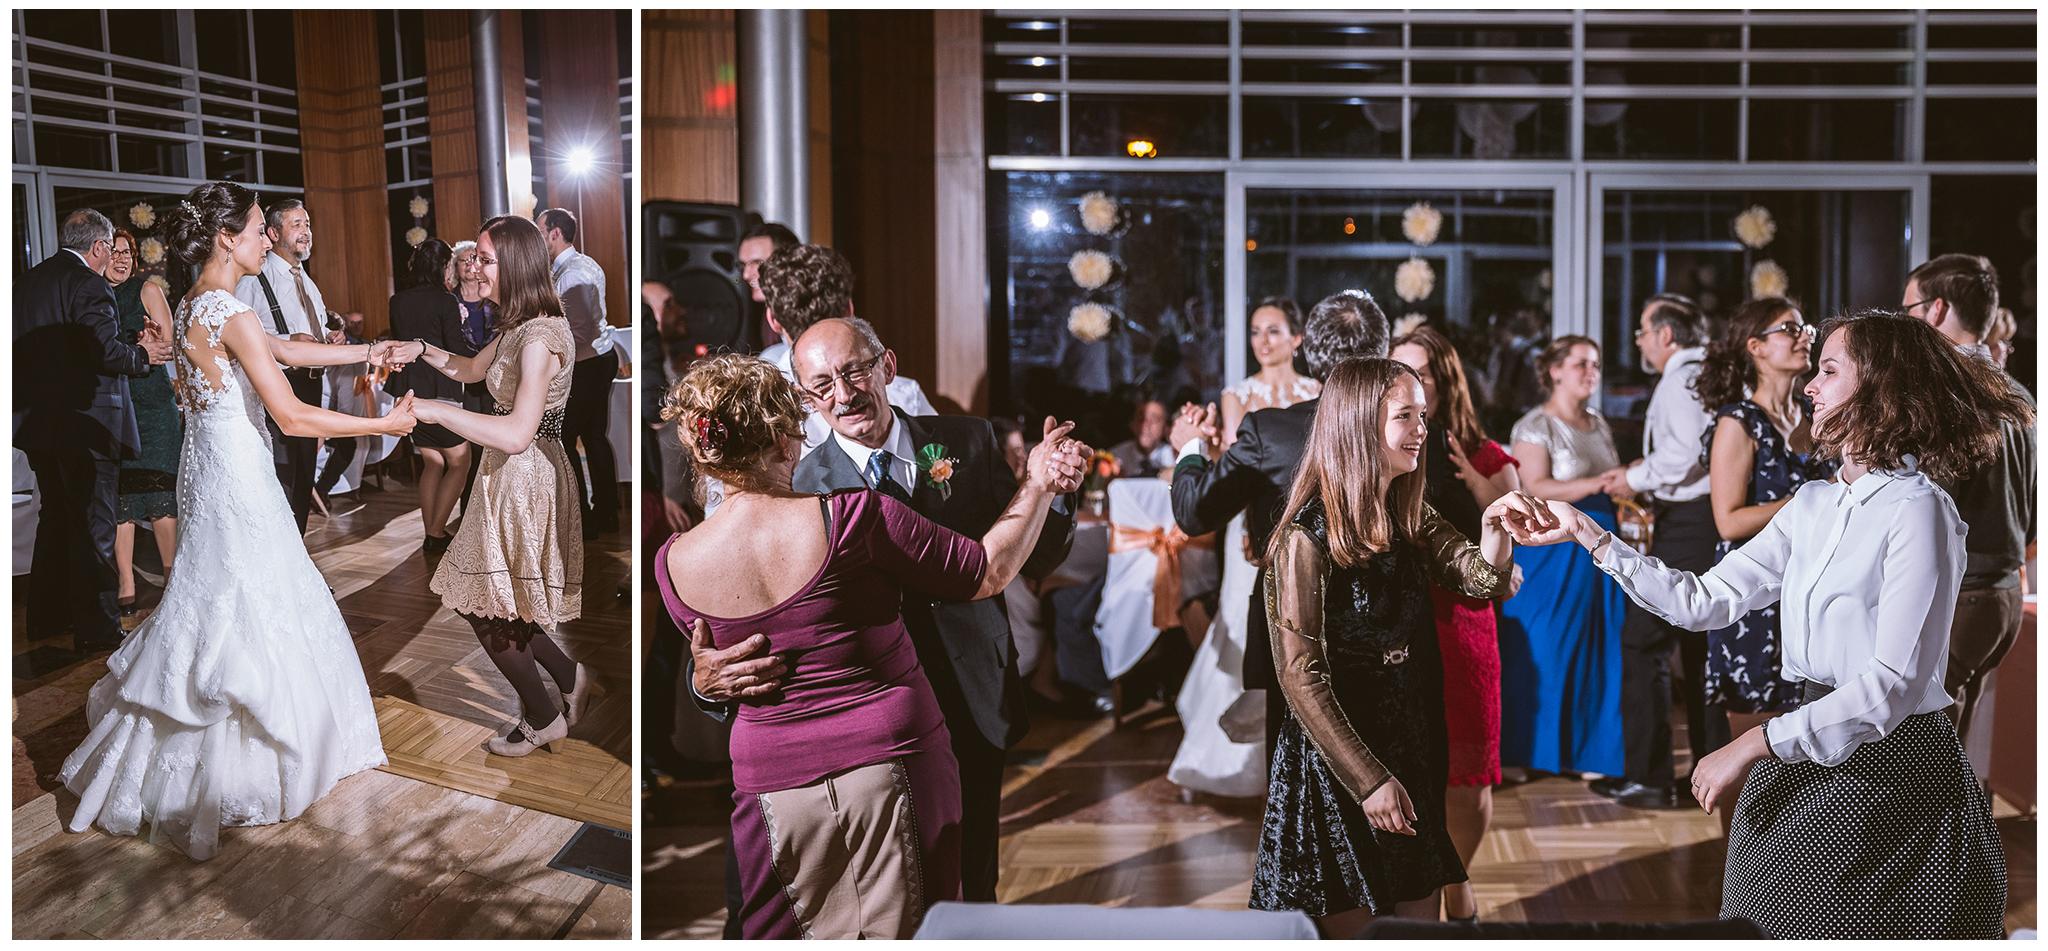 FylepPhoto, esküvőfotós, esküvői fotós Körmend, Szombathely, esküvőfotózás, magyarország, vas megye, prémium, jegyesfotózás, Fülöp Péter, körmend, kreatív, fotográfus_040.jpg